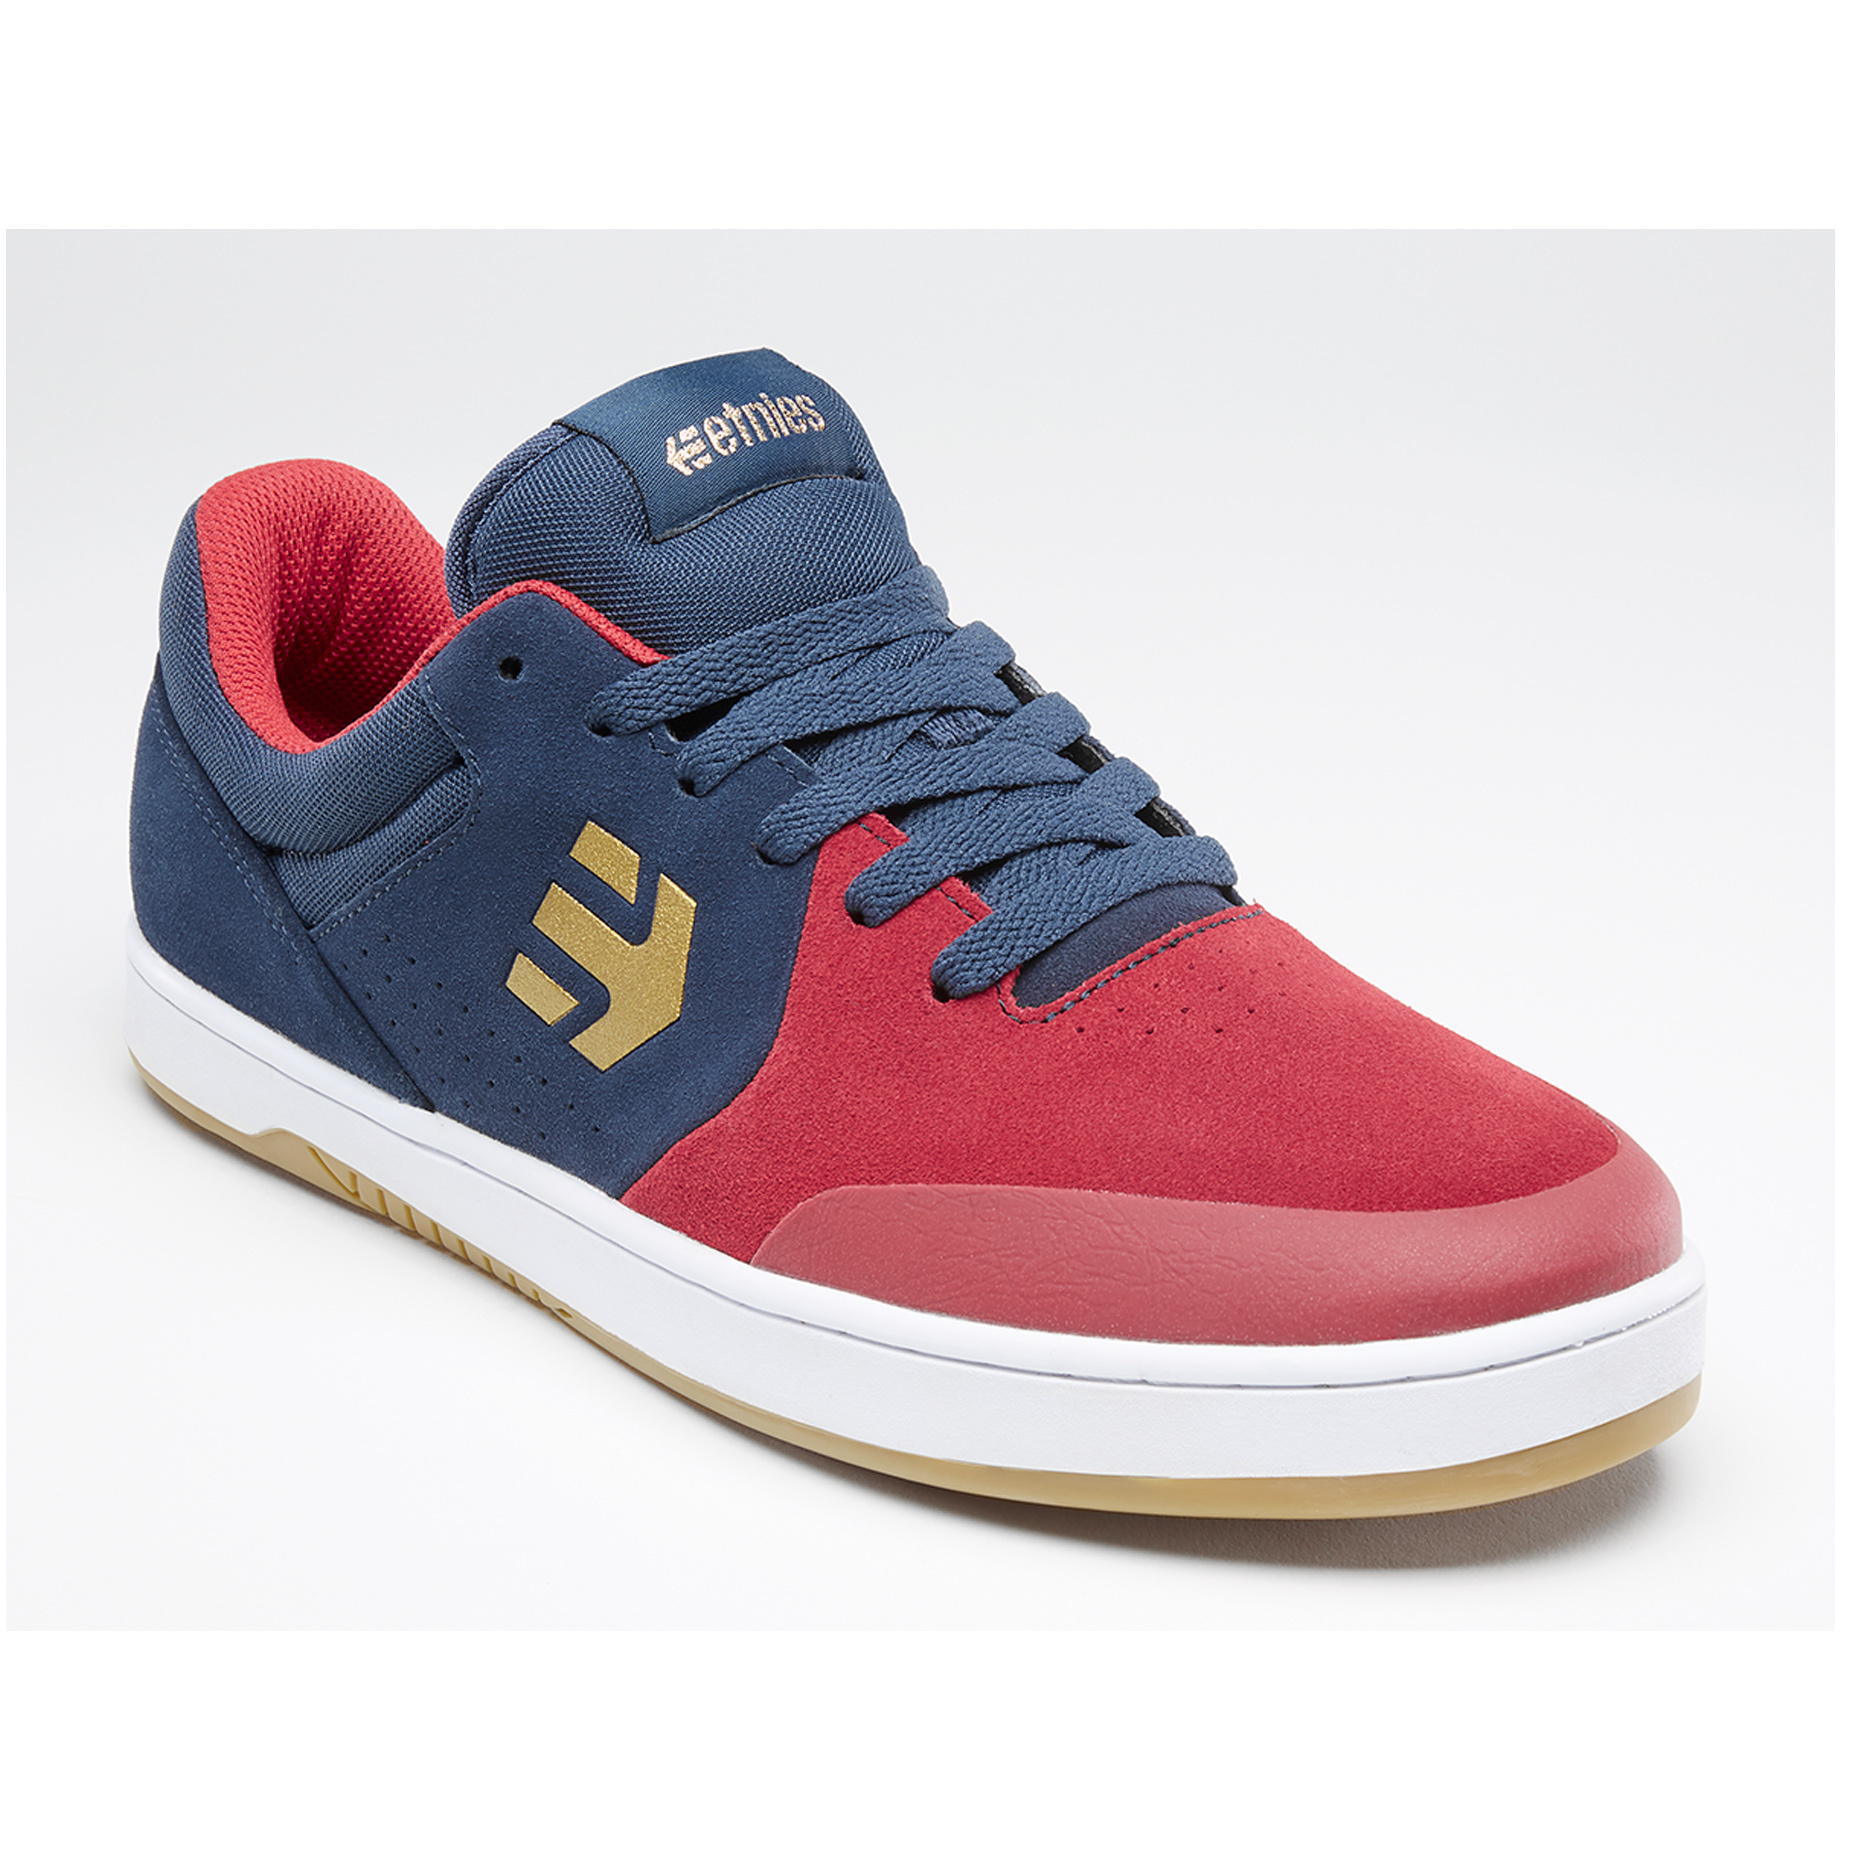 etnies Marana Sheckler Skate Shoe - Red